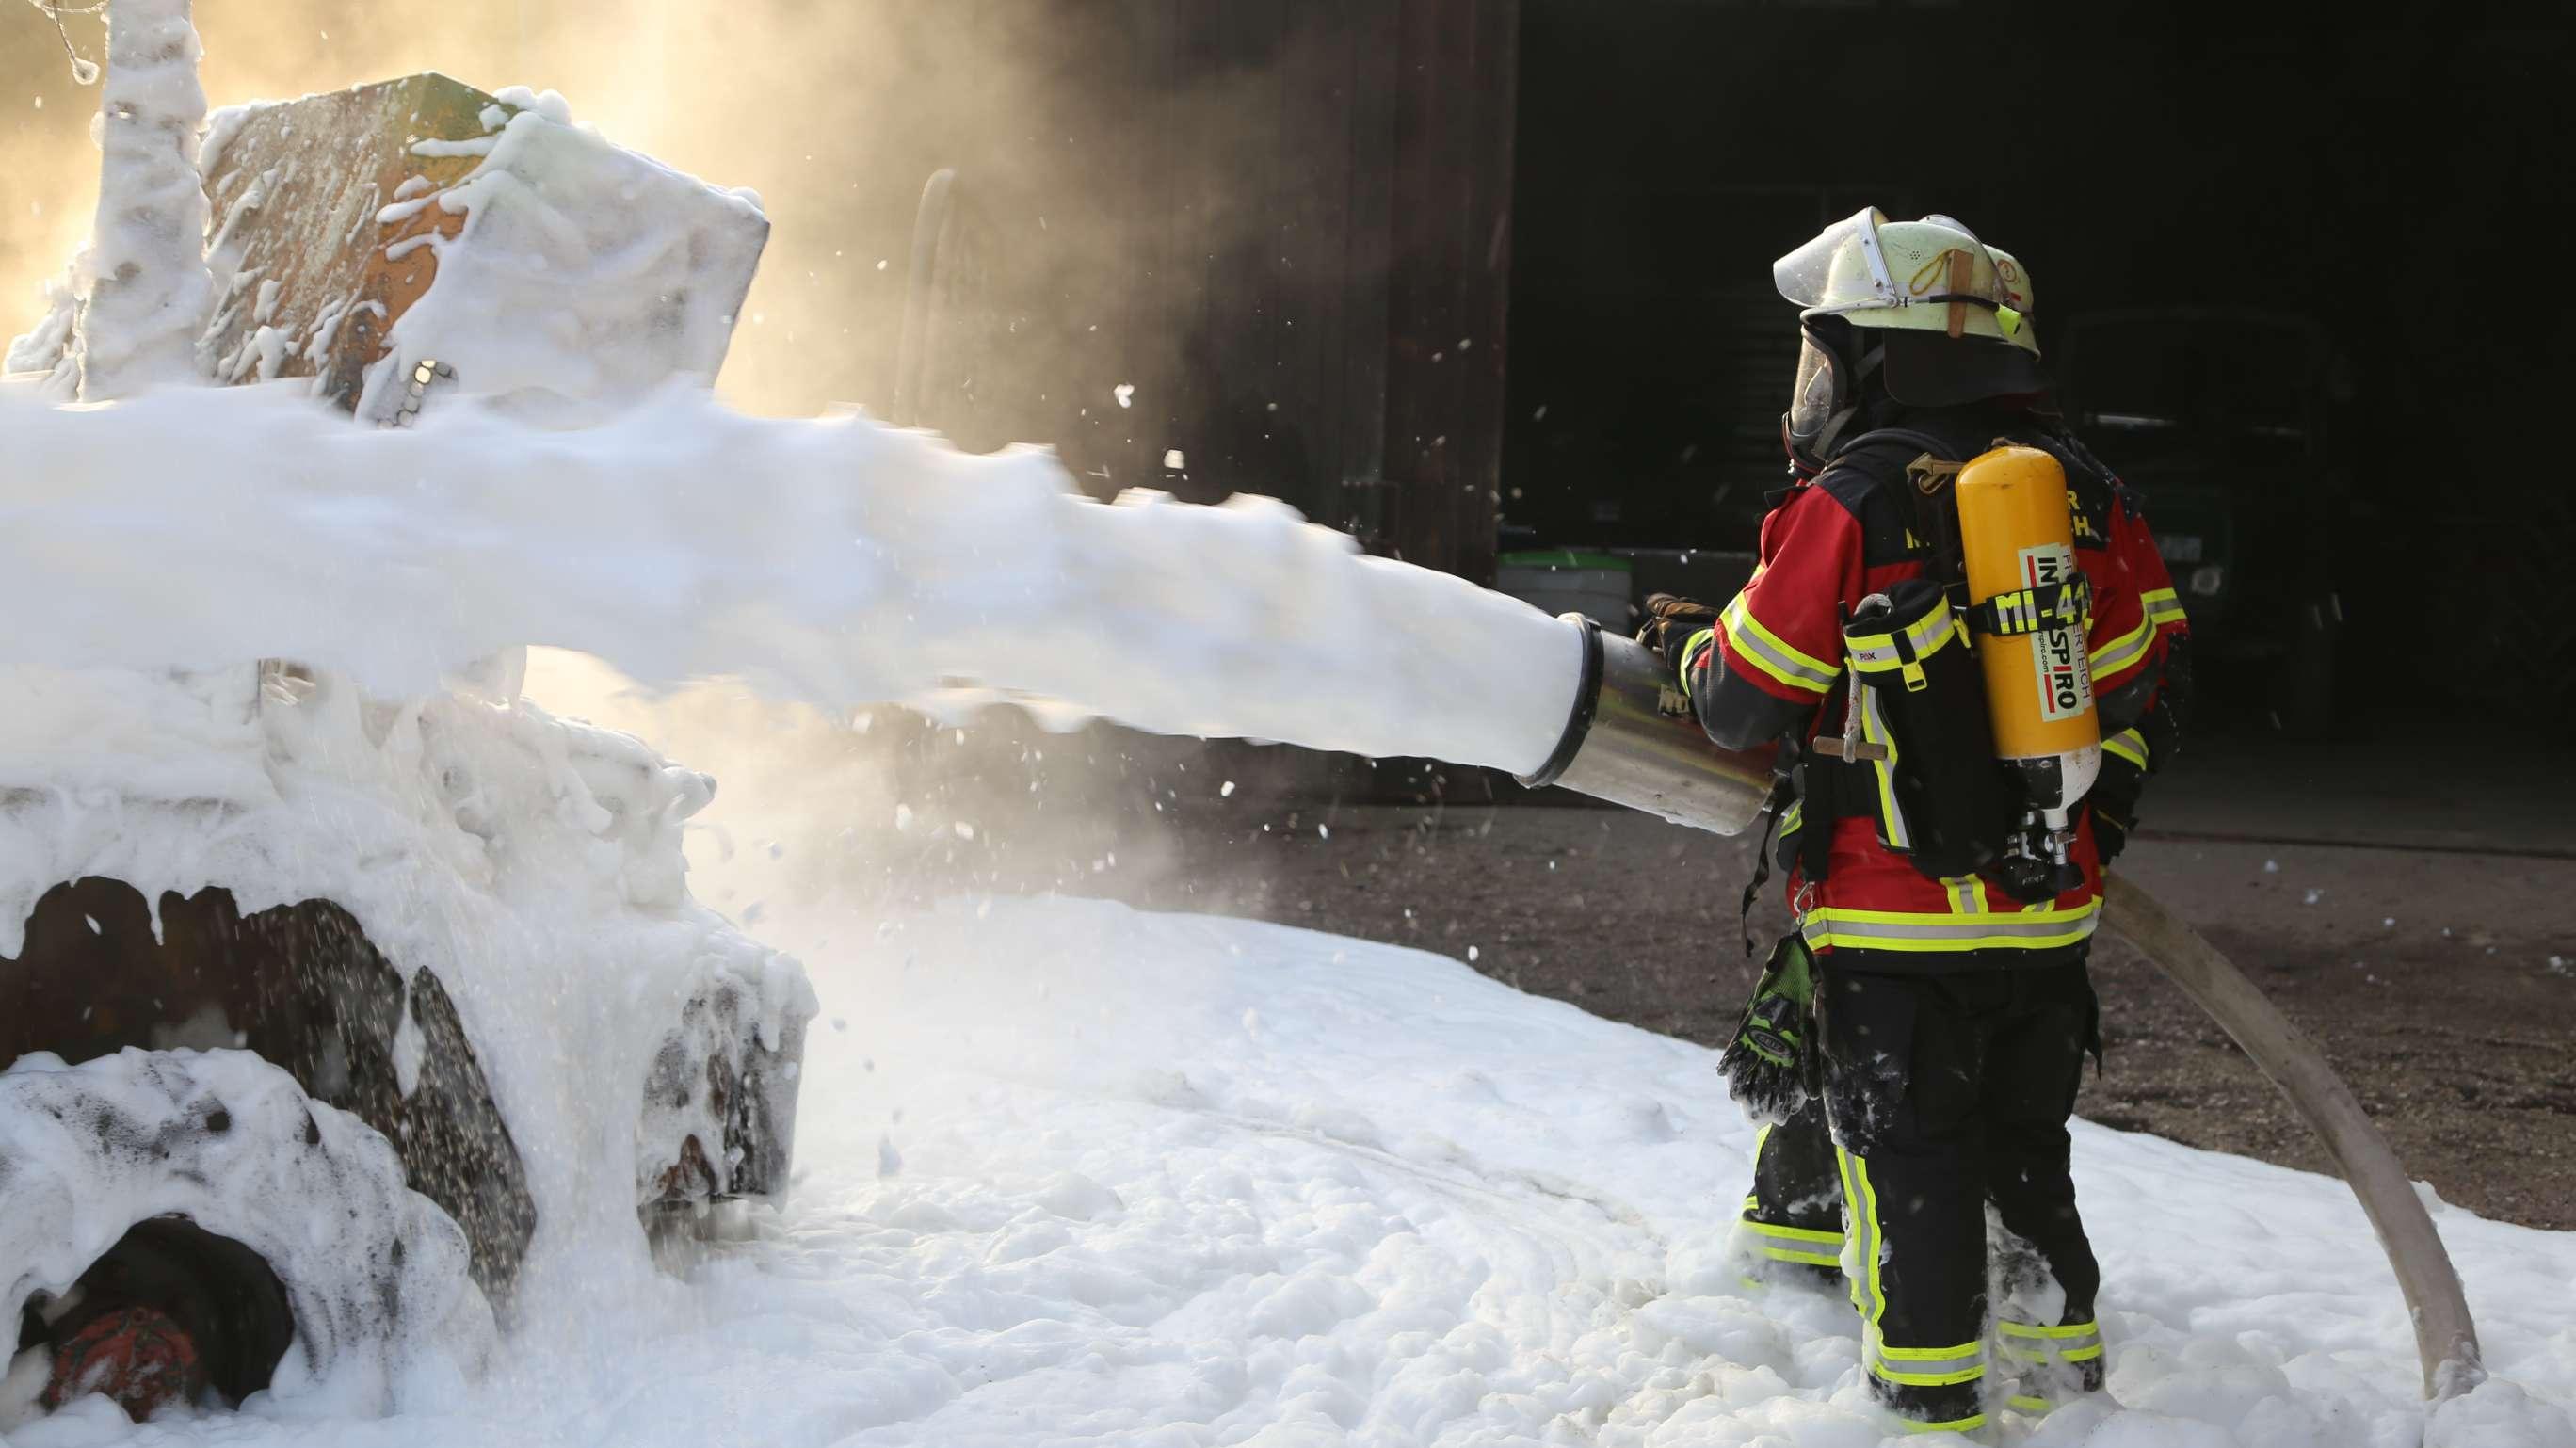 Die Feuerwehren Mitterteich und Pechofen waren mit insgesamt 30 Mann im Einsatz und löschten den Brand.